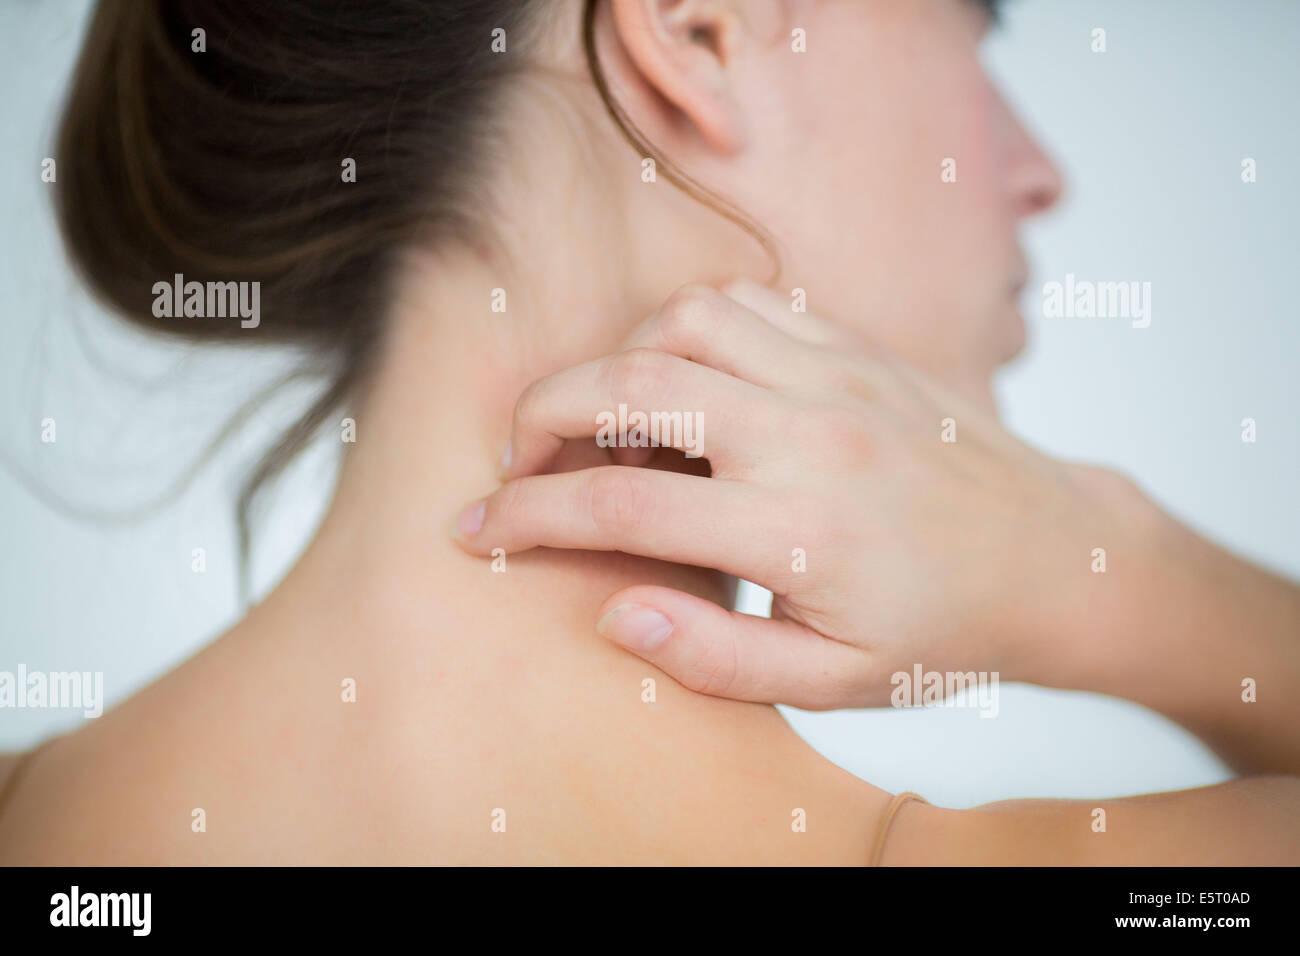 mujer comezón de su cuello foto imagen de stock 72441893 alamy